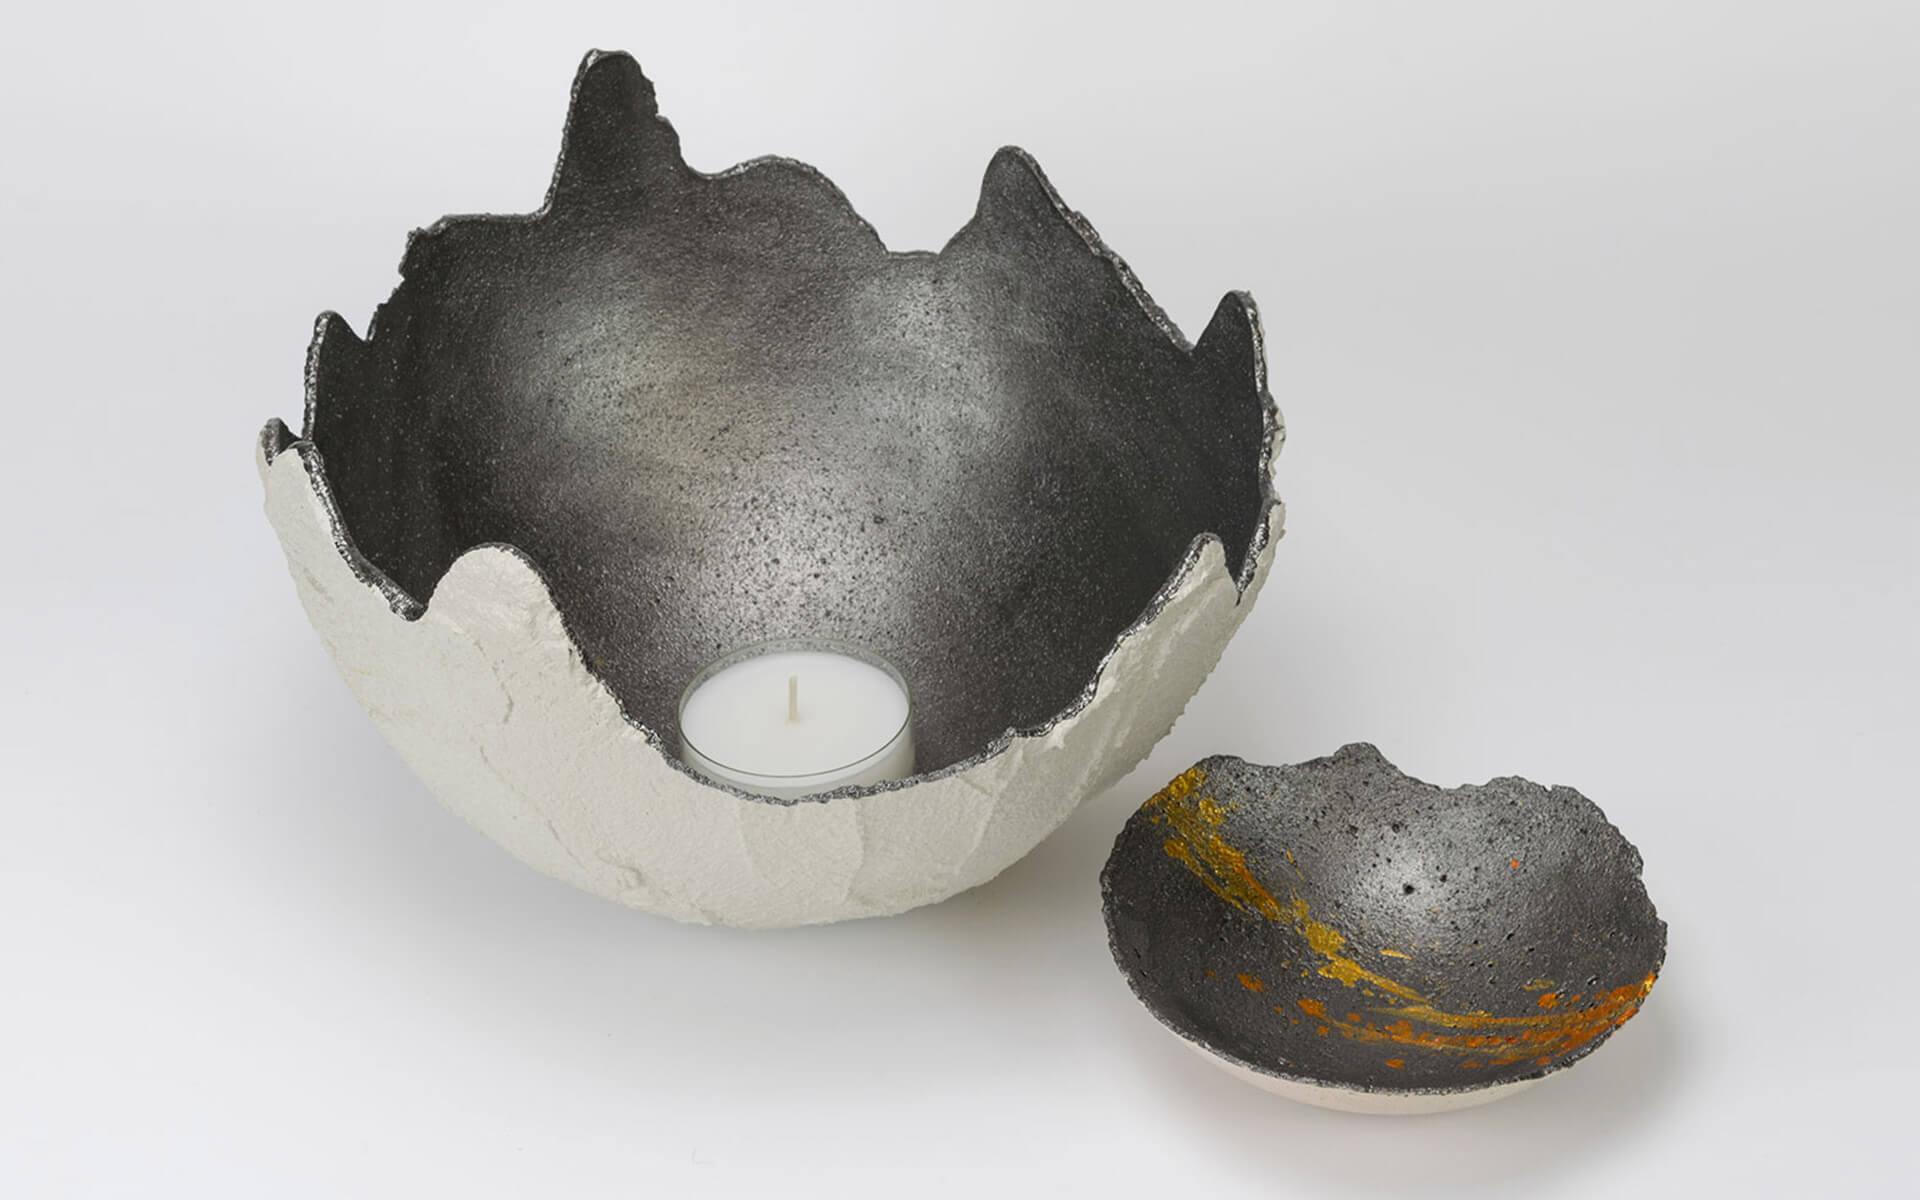 1920x1200-mg-betonkugel-3